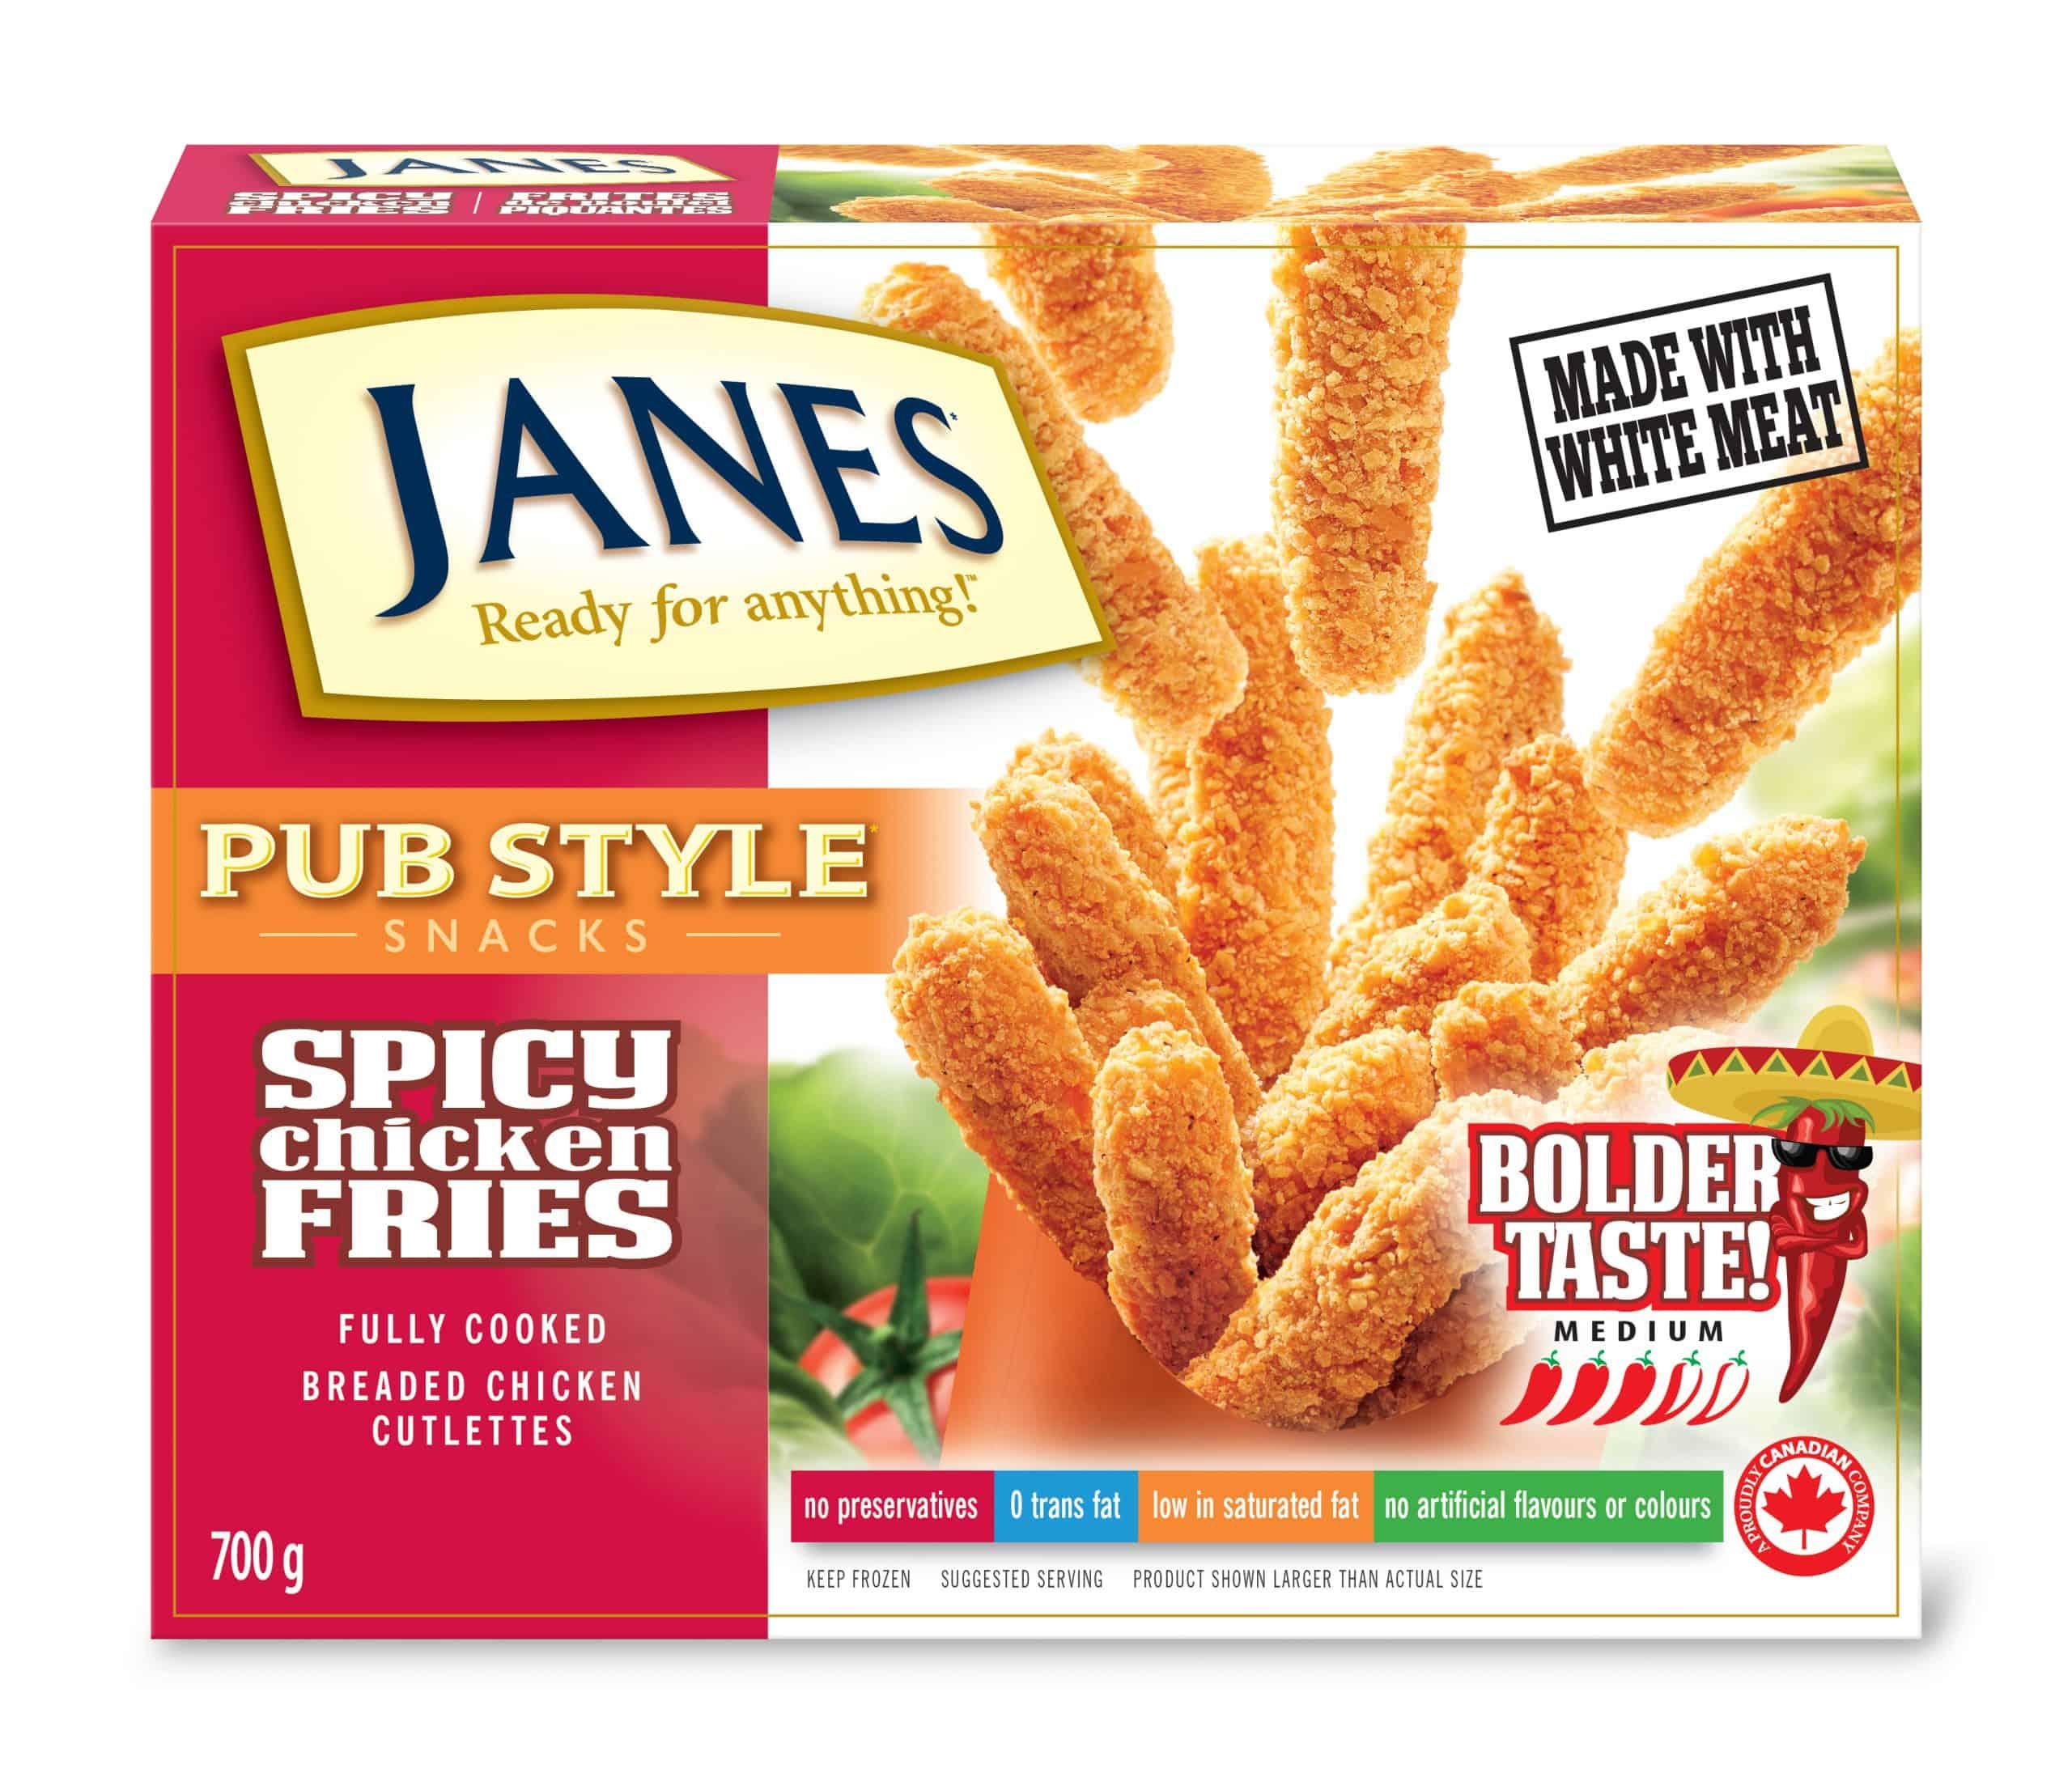 Pub Style Chicken Spicy Fries